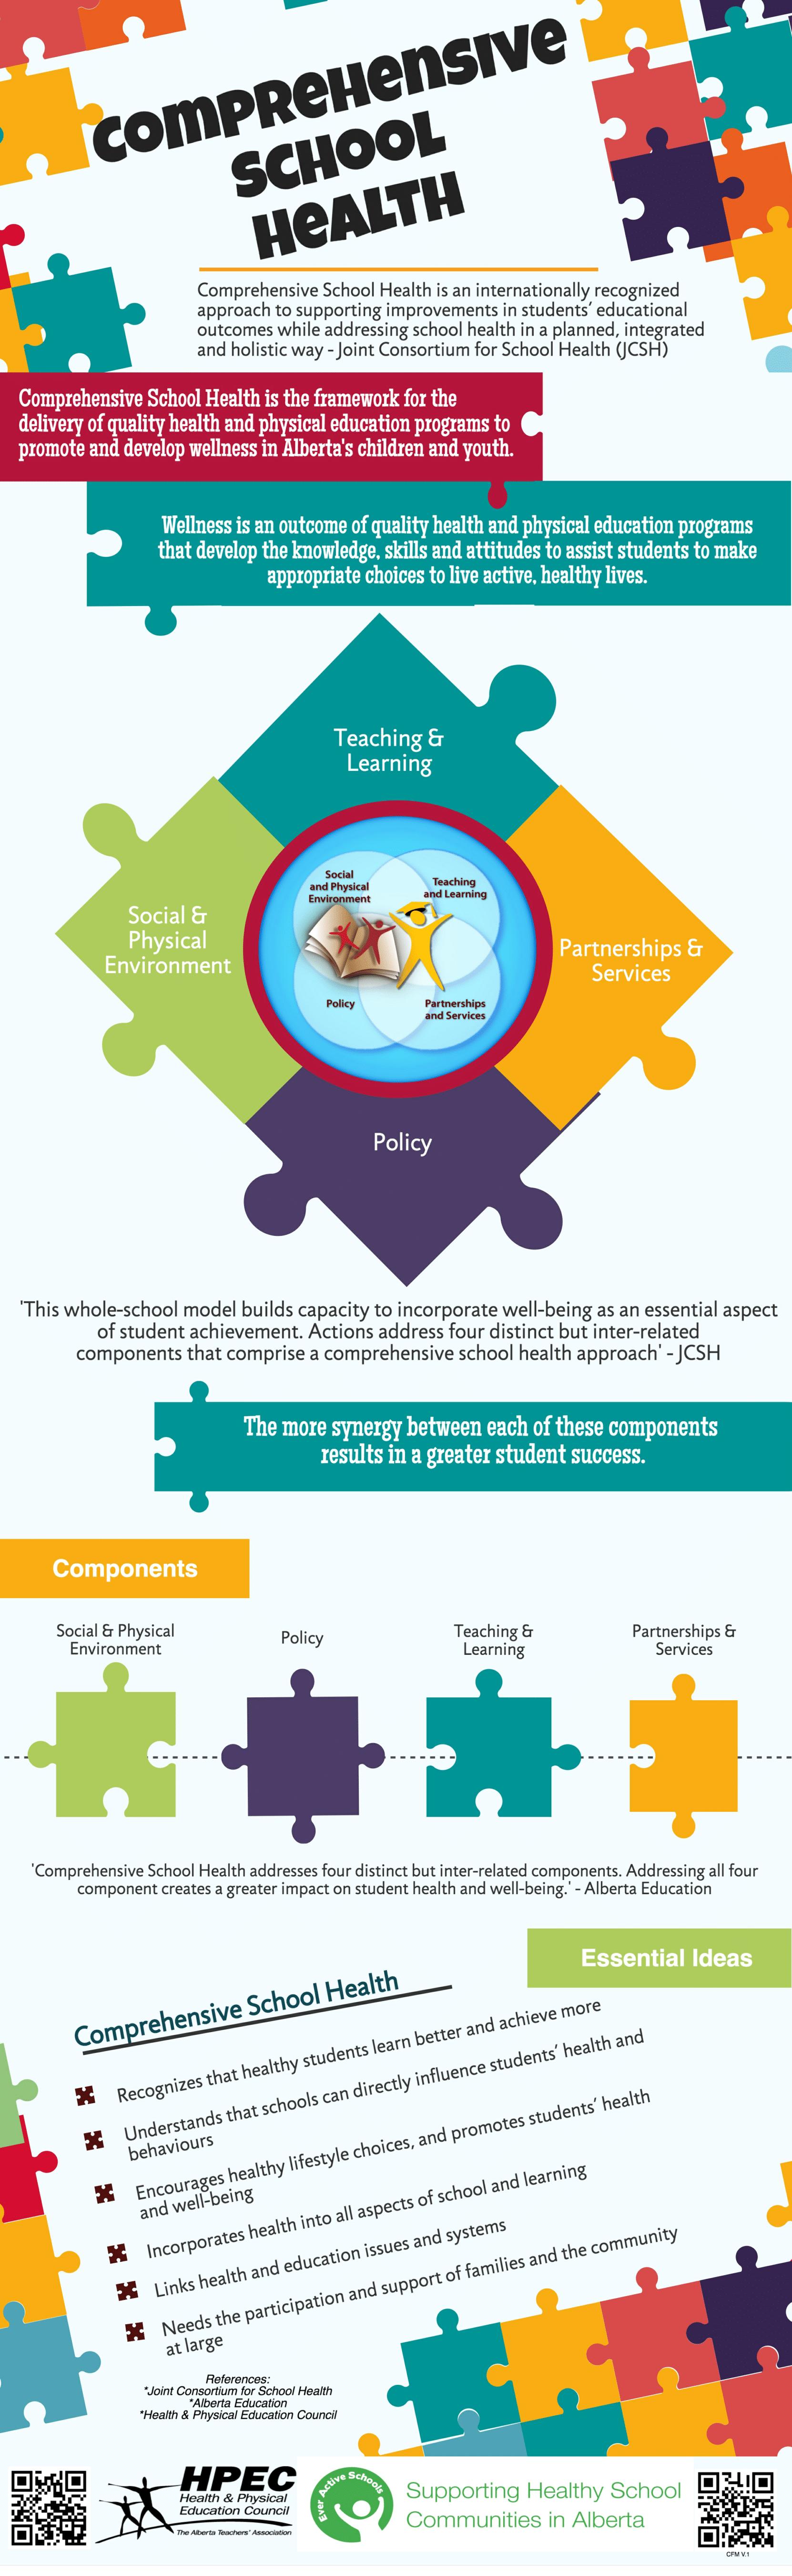 Comprehensive School Health